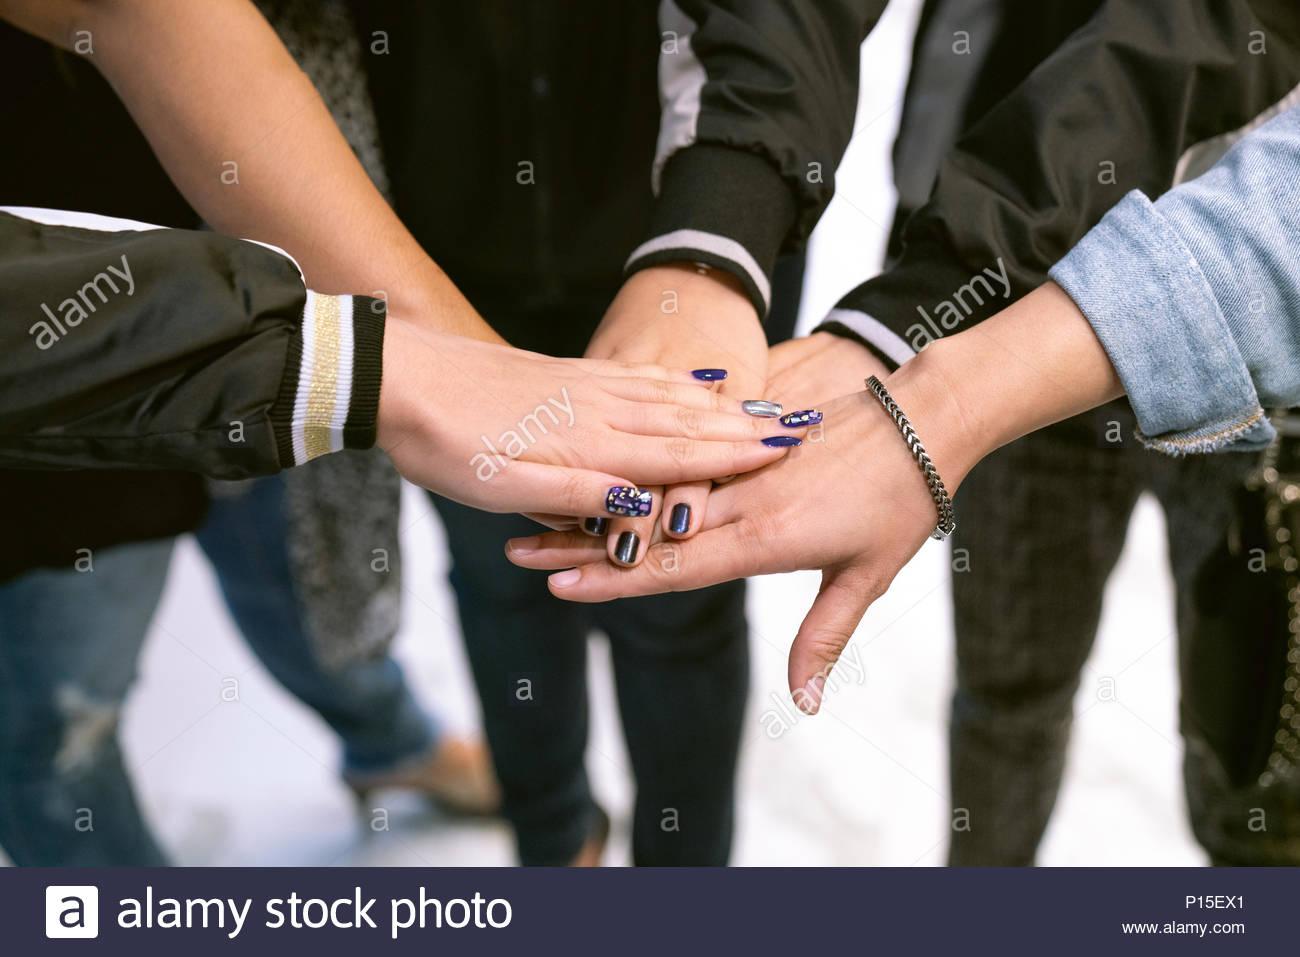 Les gens avec leurs mains ensemble. Le travail d'équipe concept Photo Stock